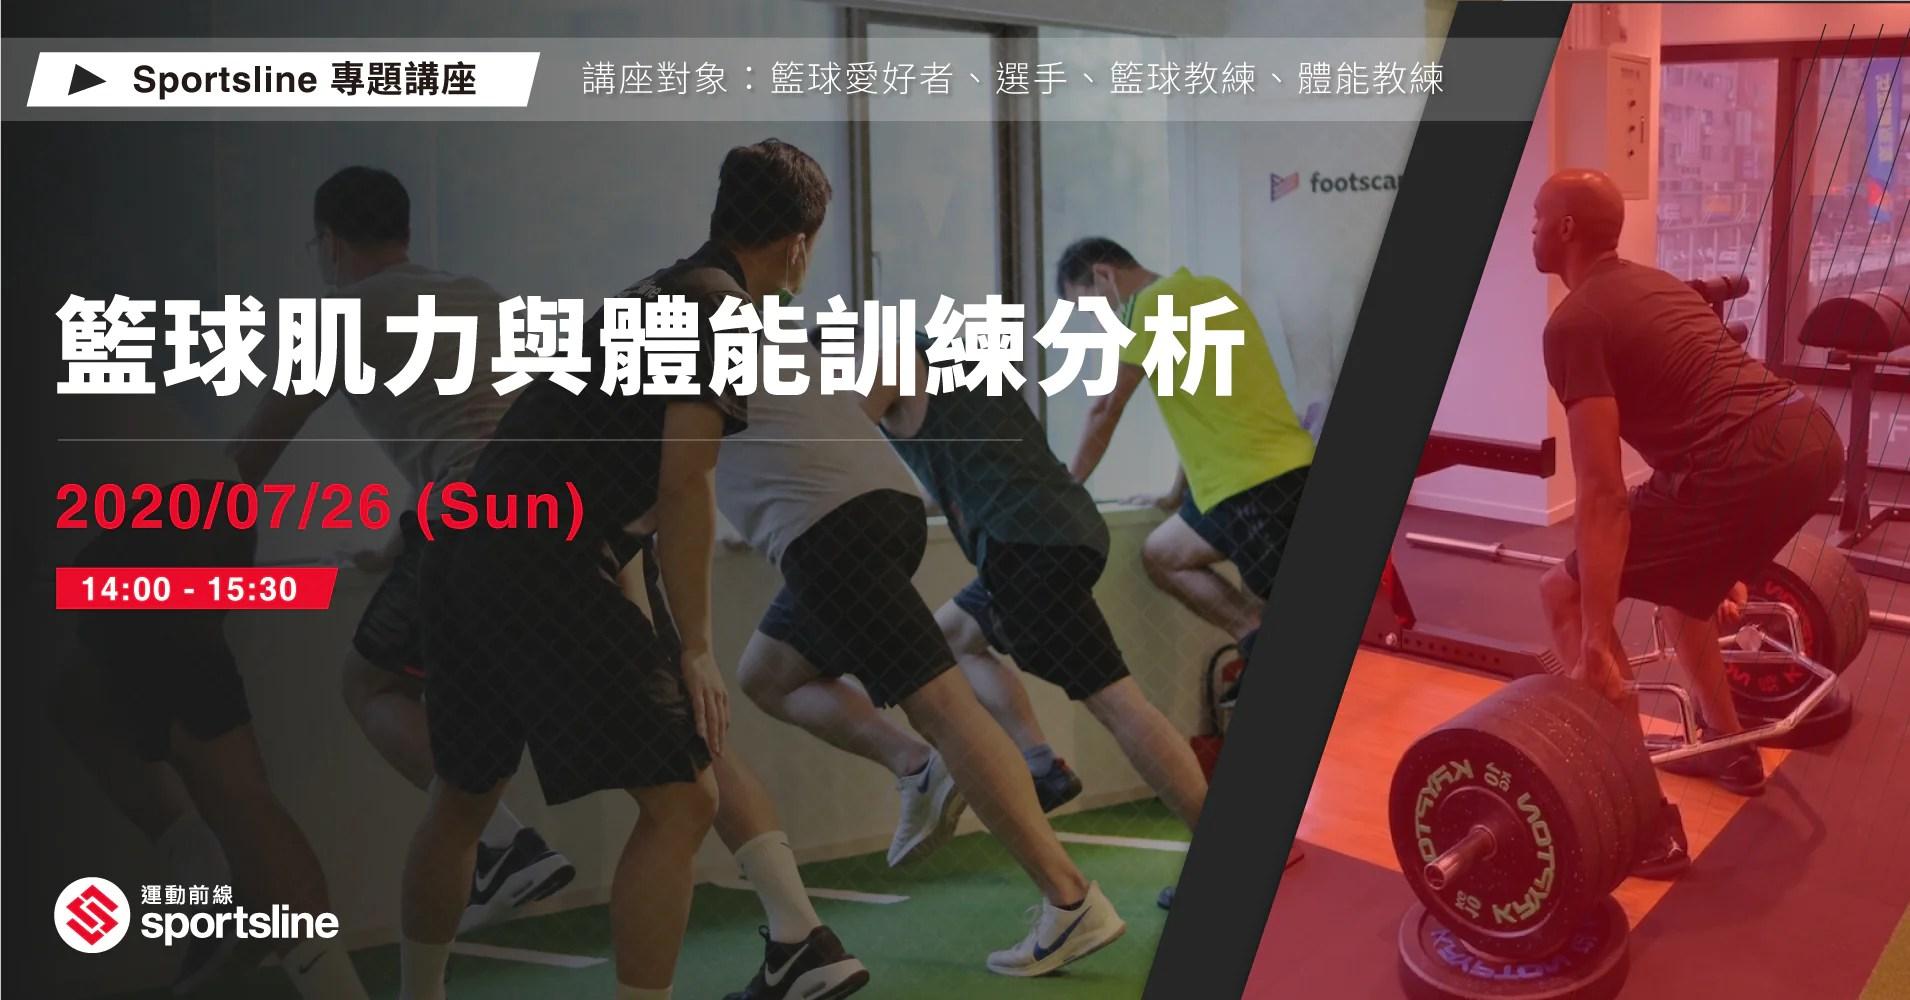 籃球肌力與體能訓練分析 – Sportsline運動前線